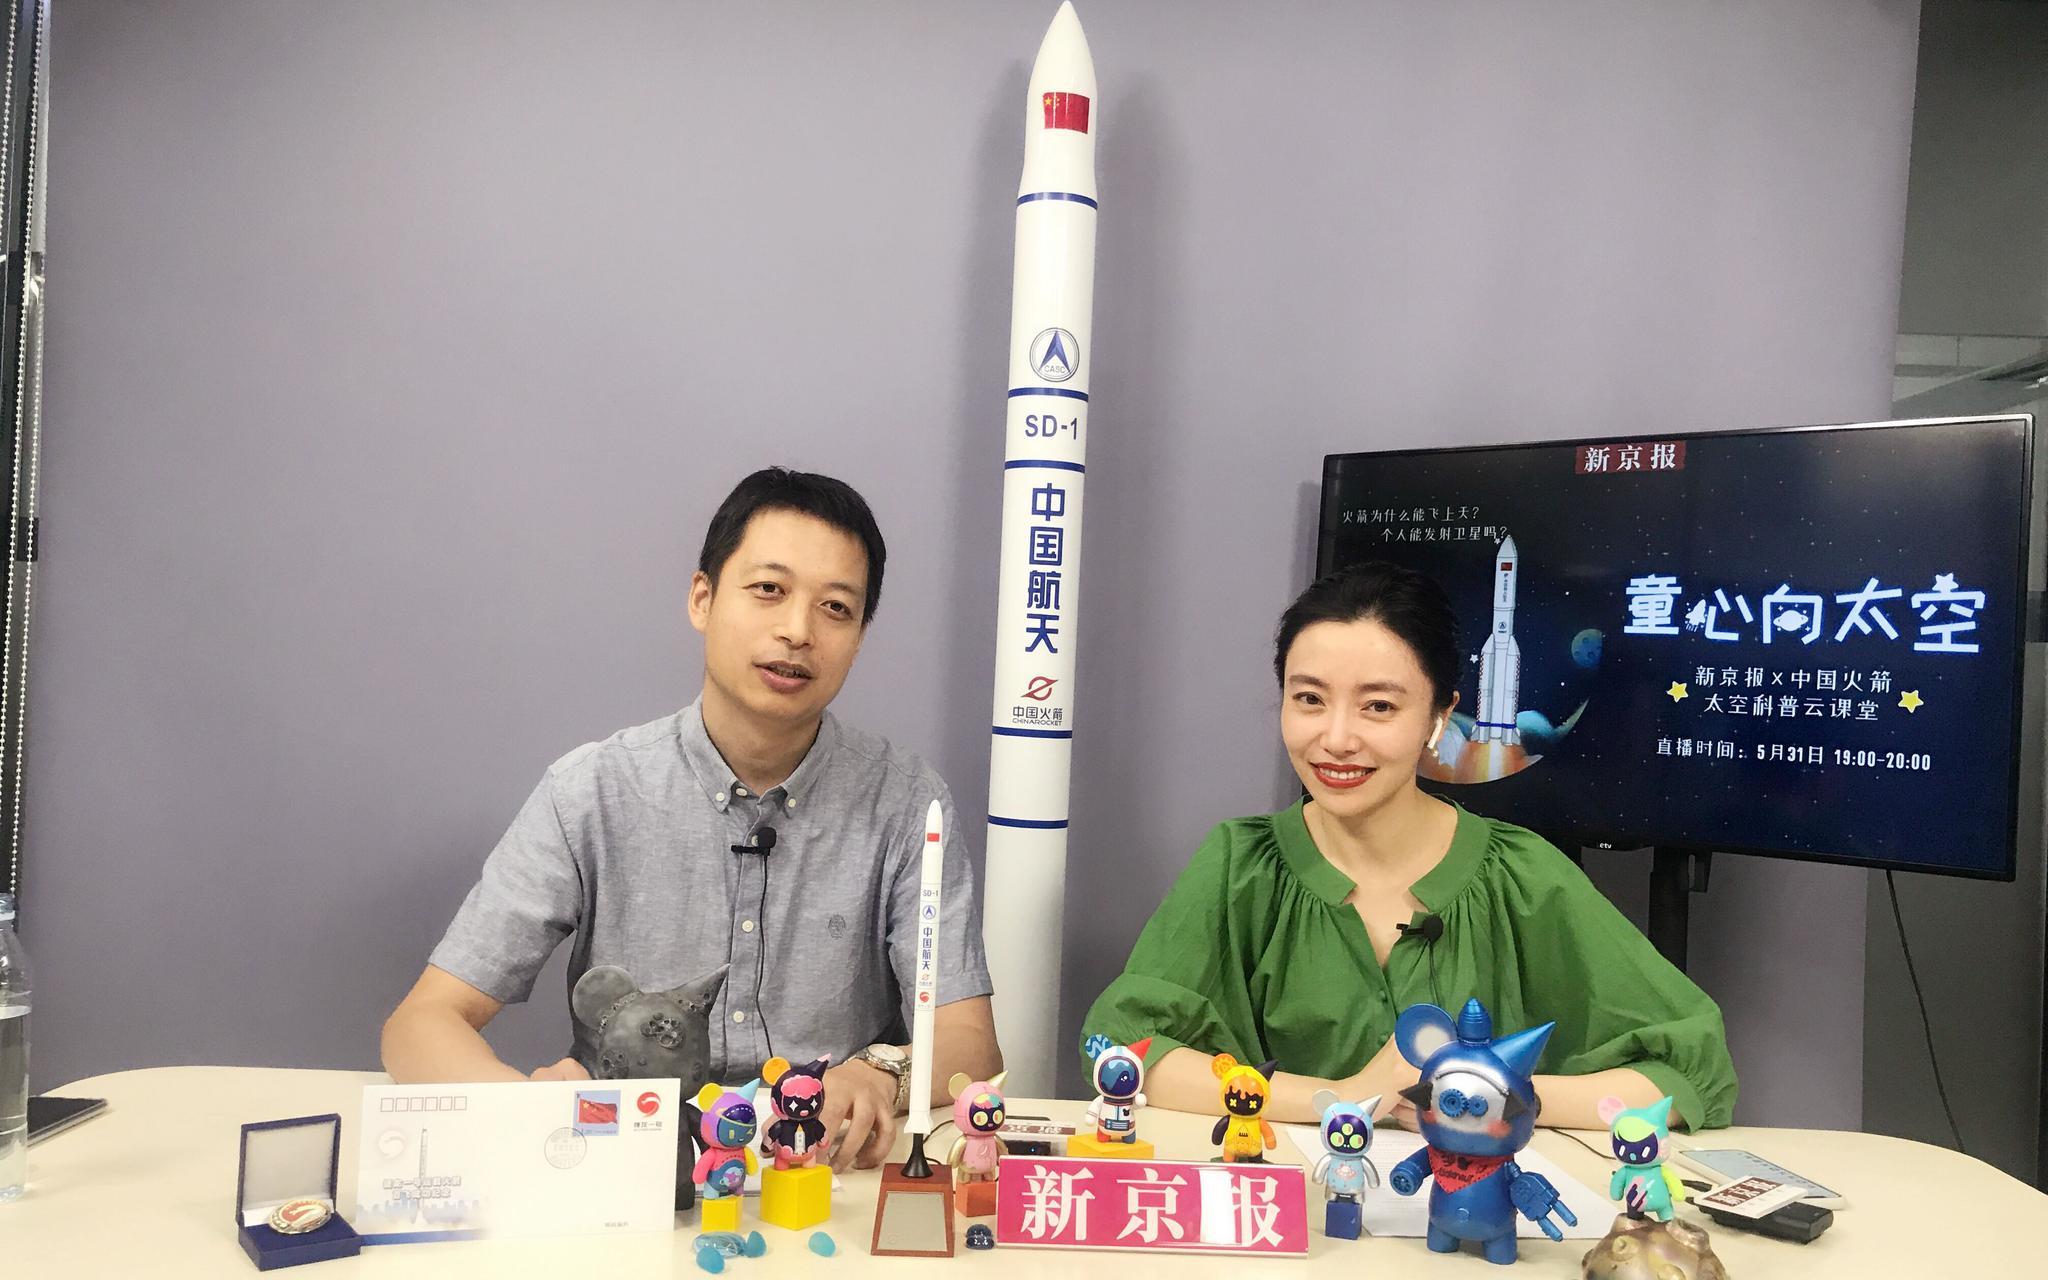 「天富主管」太空科普云课堂│火箭发射的天富主管图片